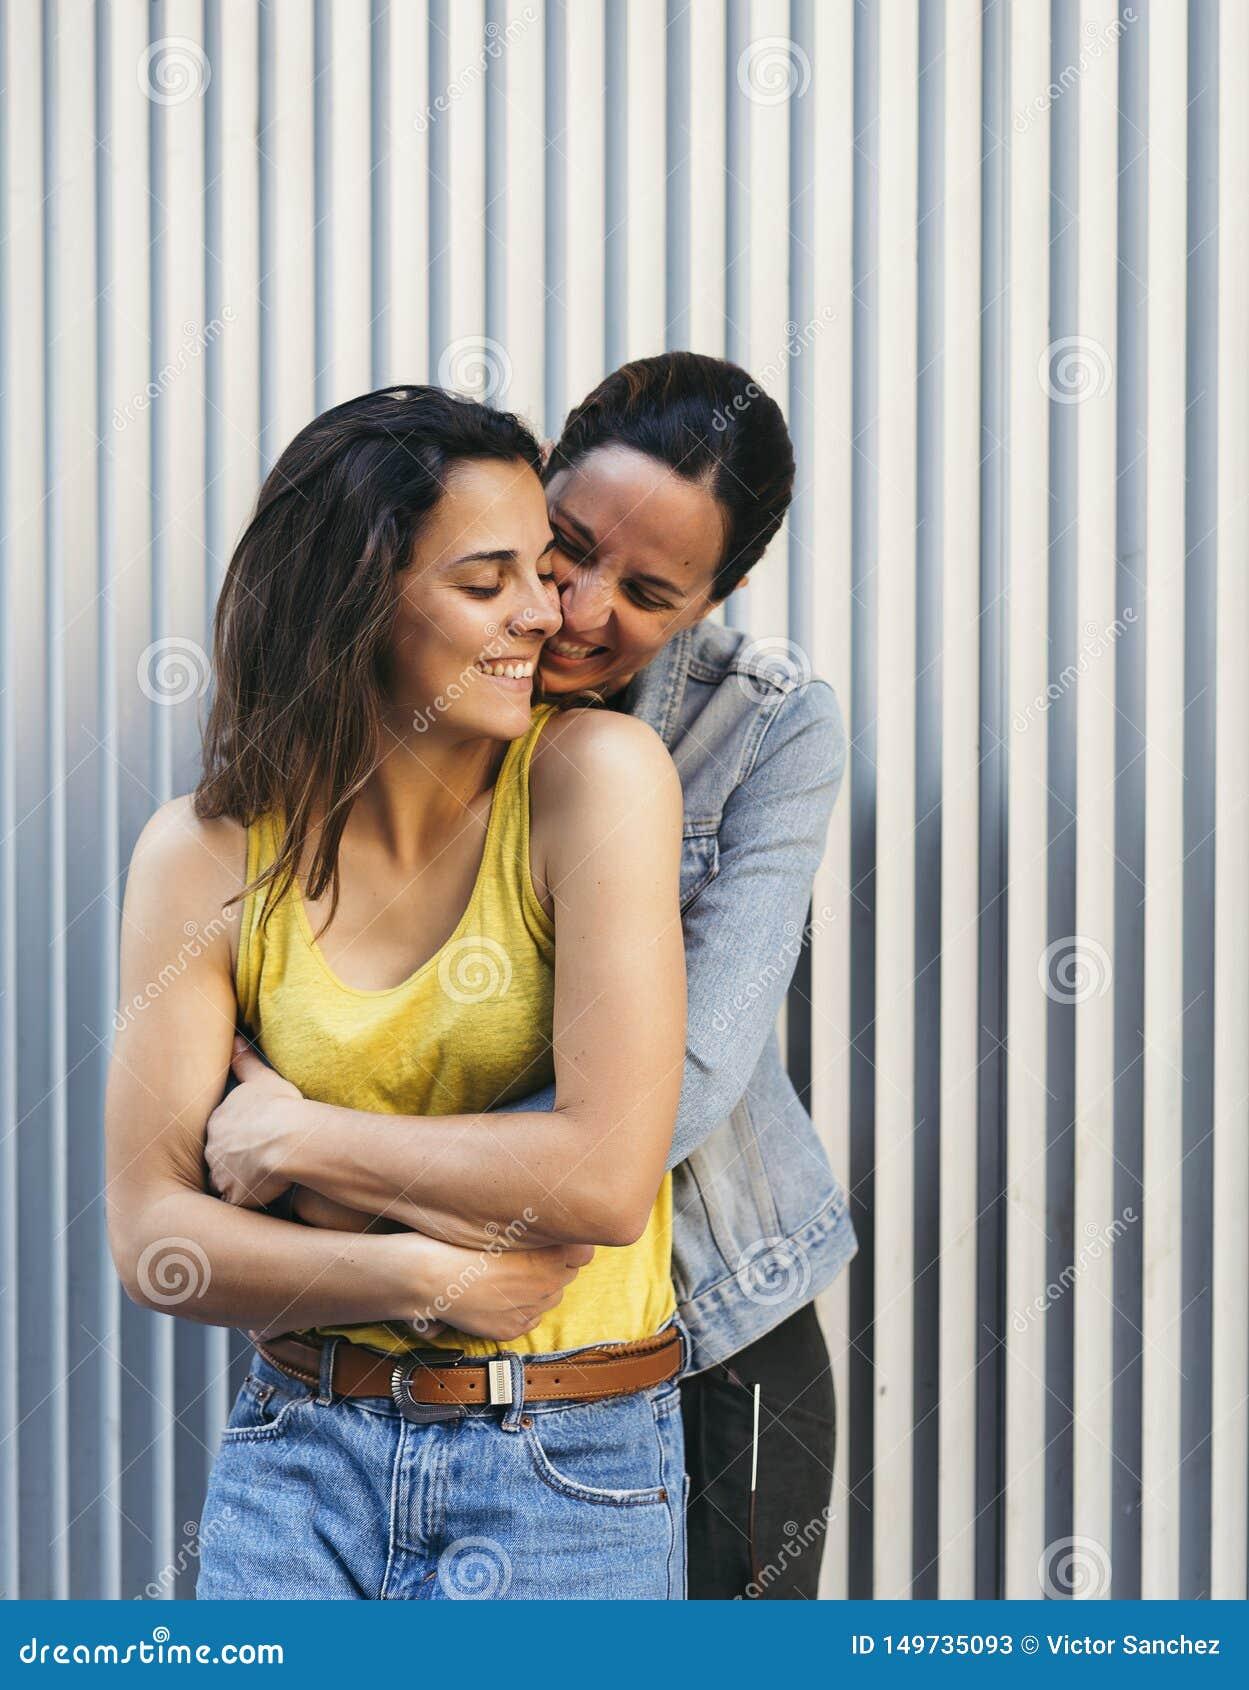 Όμορφο ζεύγος κοριτσιών που αγκαλιάζει το ένα το άλλο και το χαμόγελο, την αγάπη, την αγάπη και την ίδια έννοια σχέσης φύλων